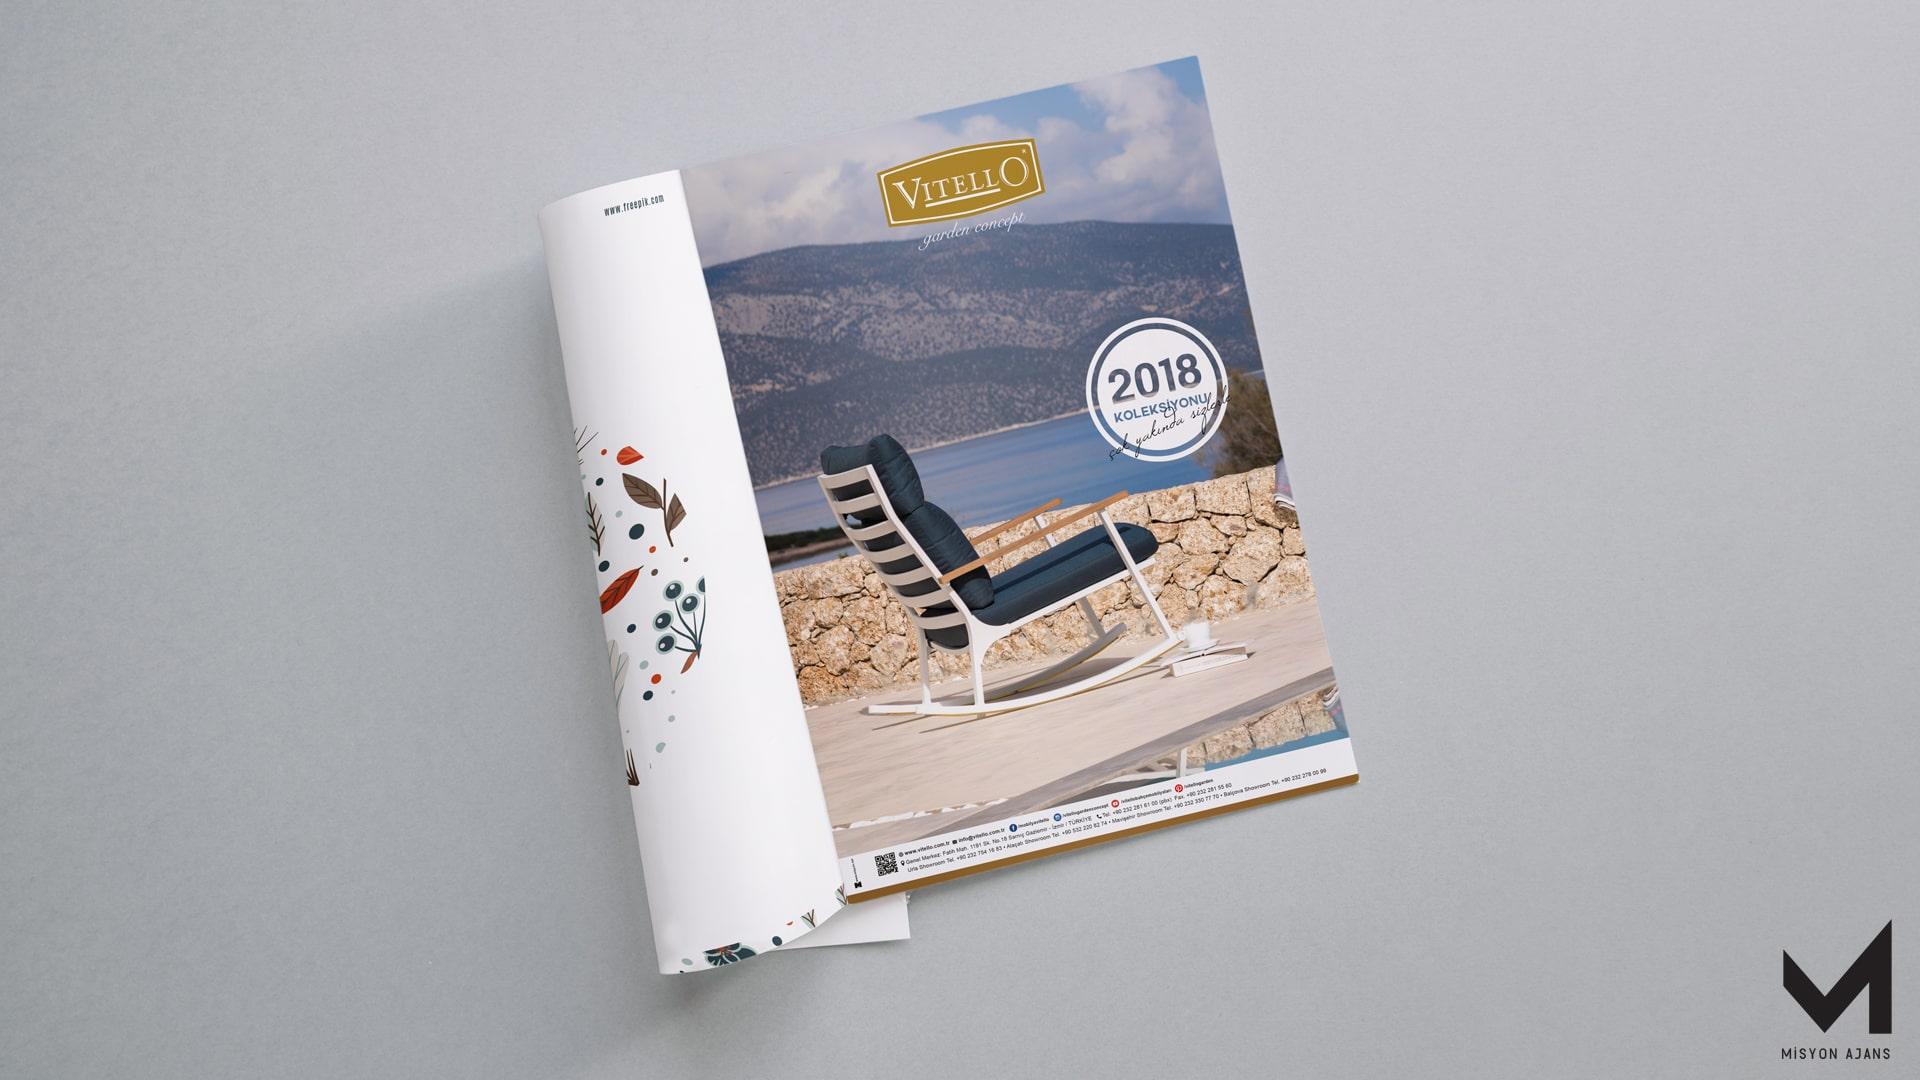 Vitello Dergi İlanı Çalışması